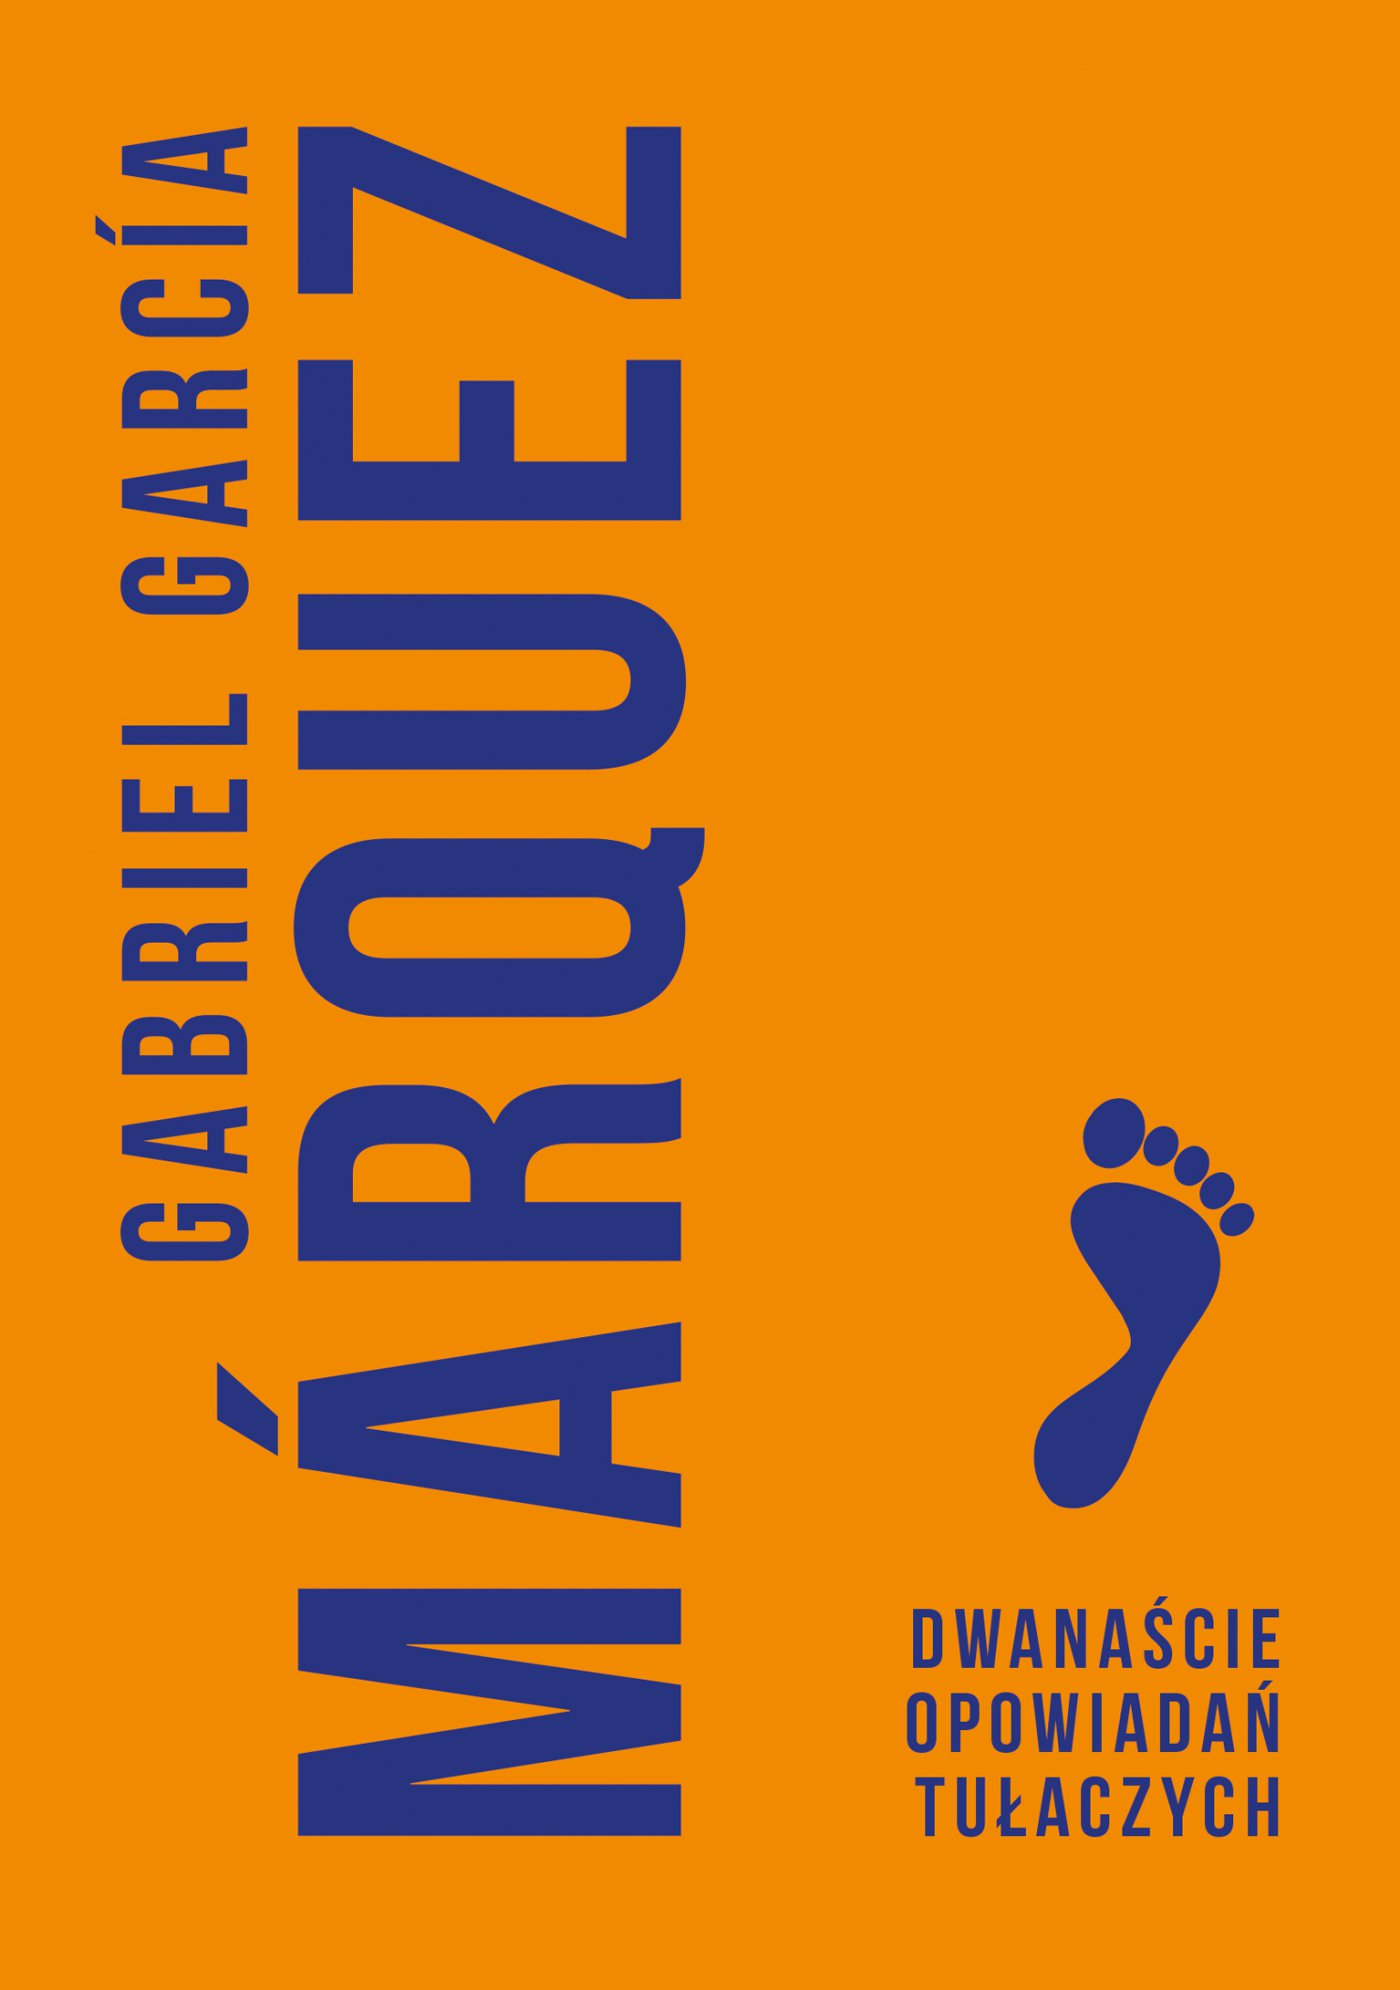 Dwanaście opowiadań tułaczych - Ebook (Książka na Kindle) do pobrania w formacie MOBI